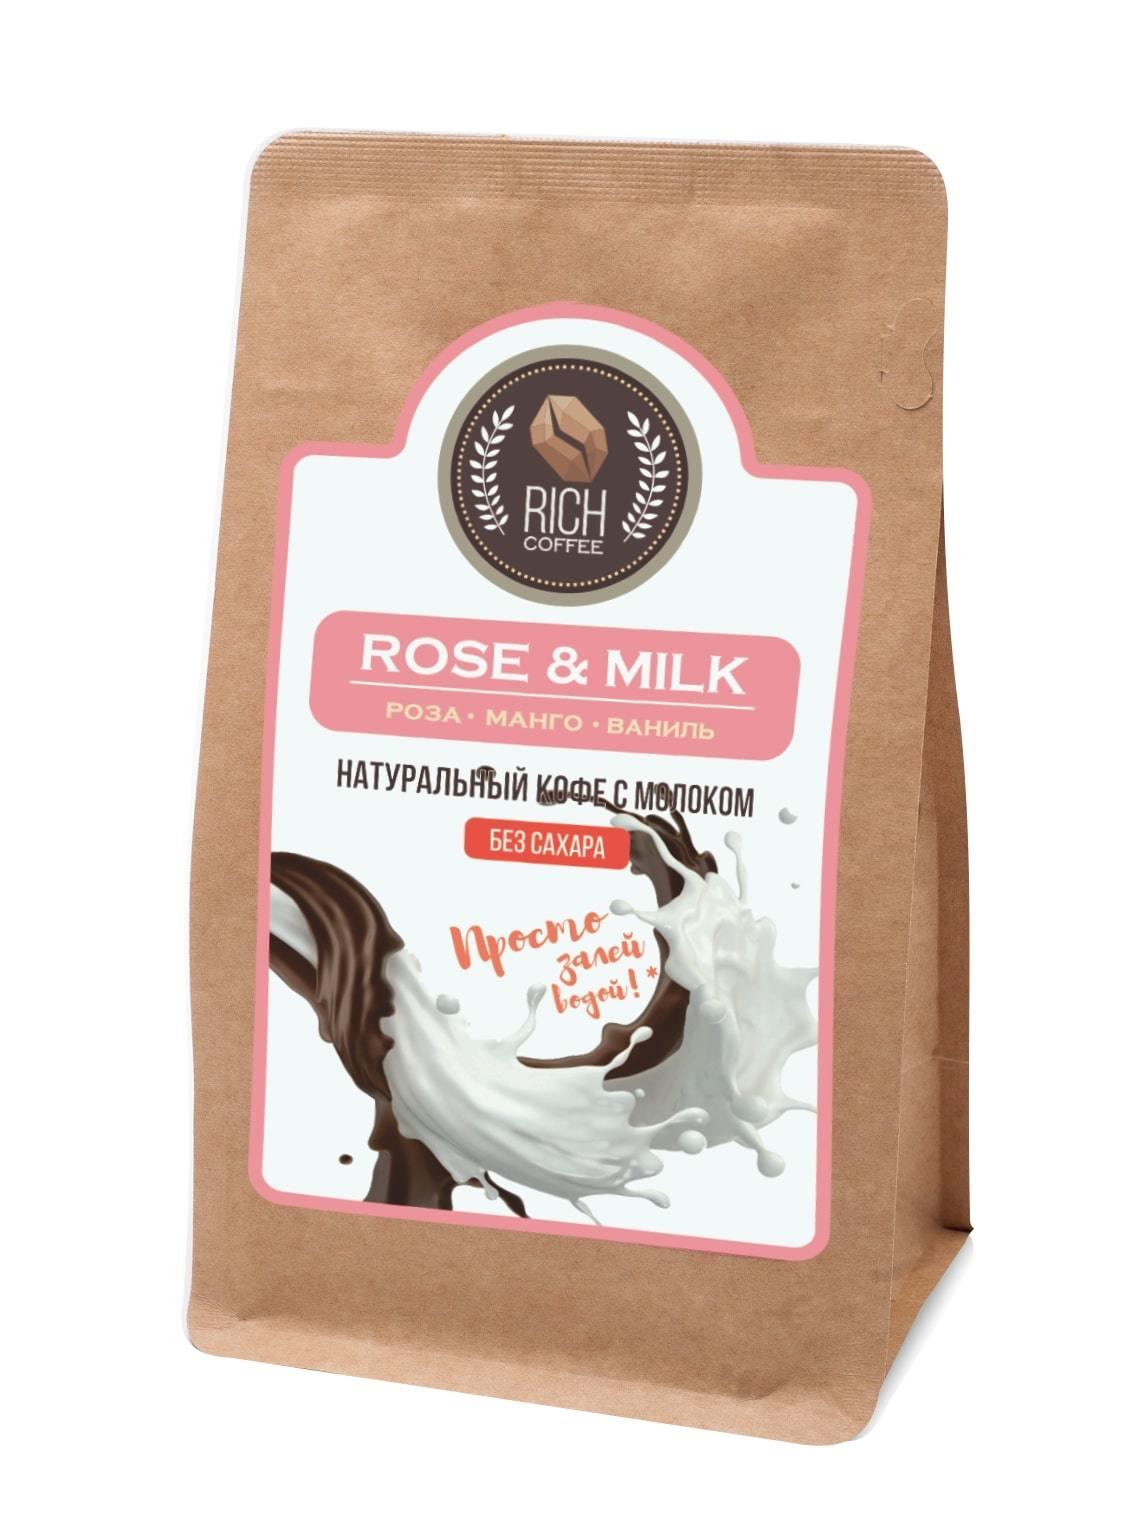 Натуральный молотый кофе Rose & milk coffee, 200 г